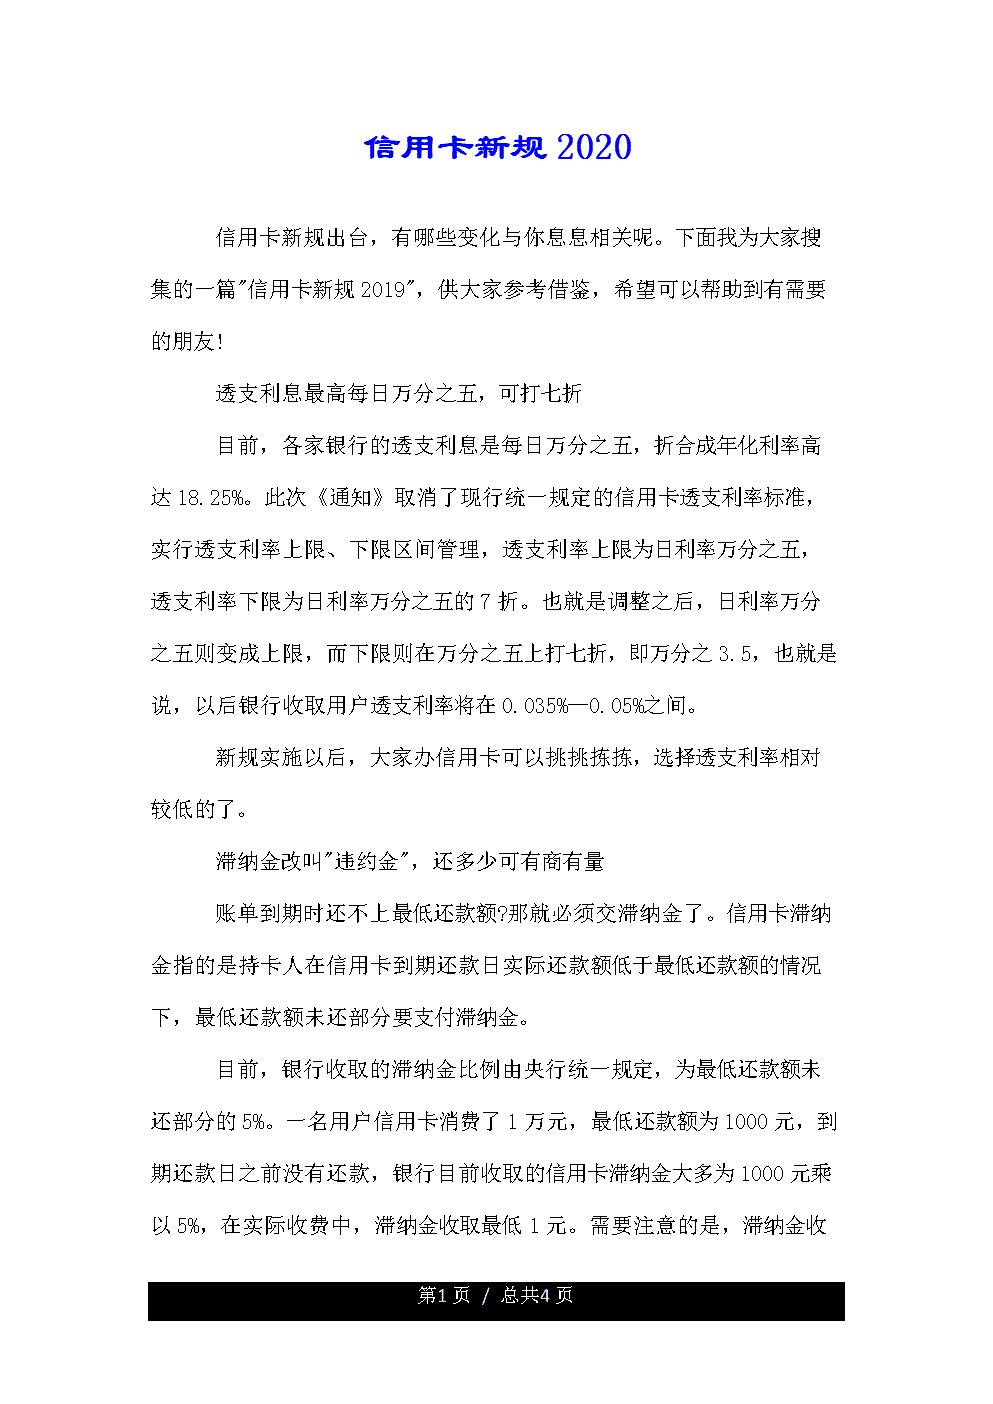 信用卡新规新--2020年.doc